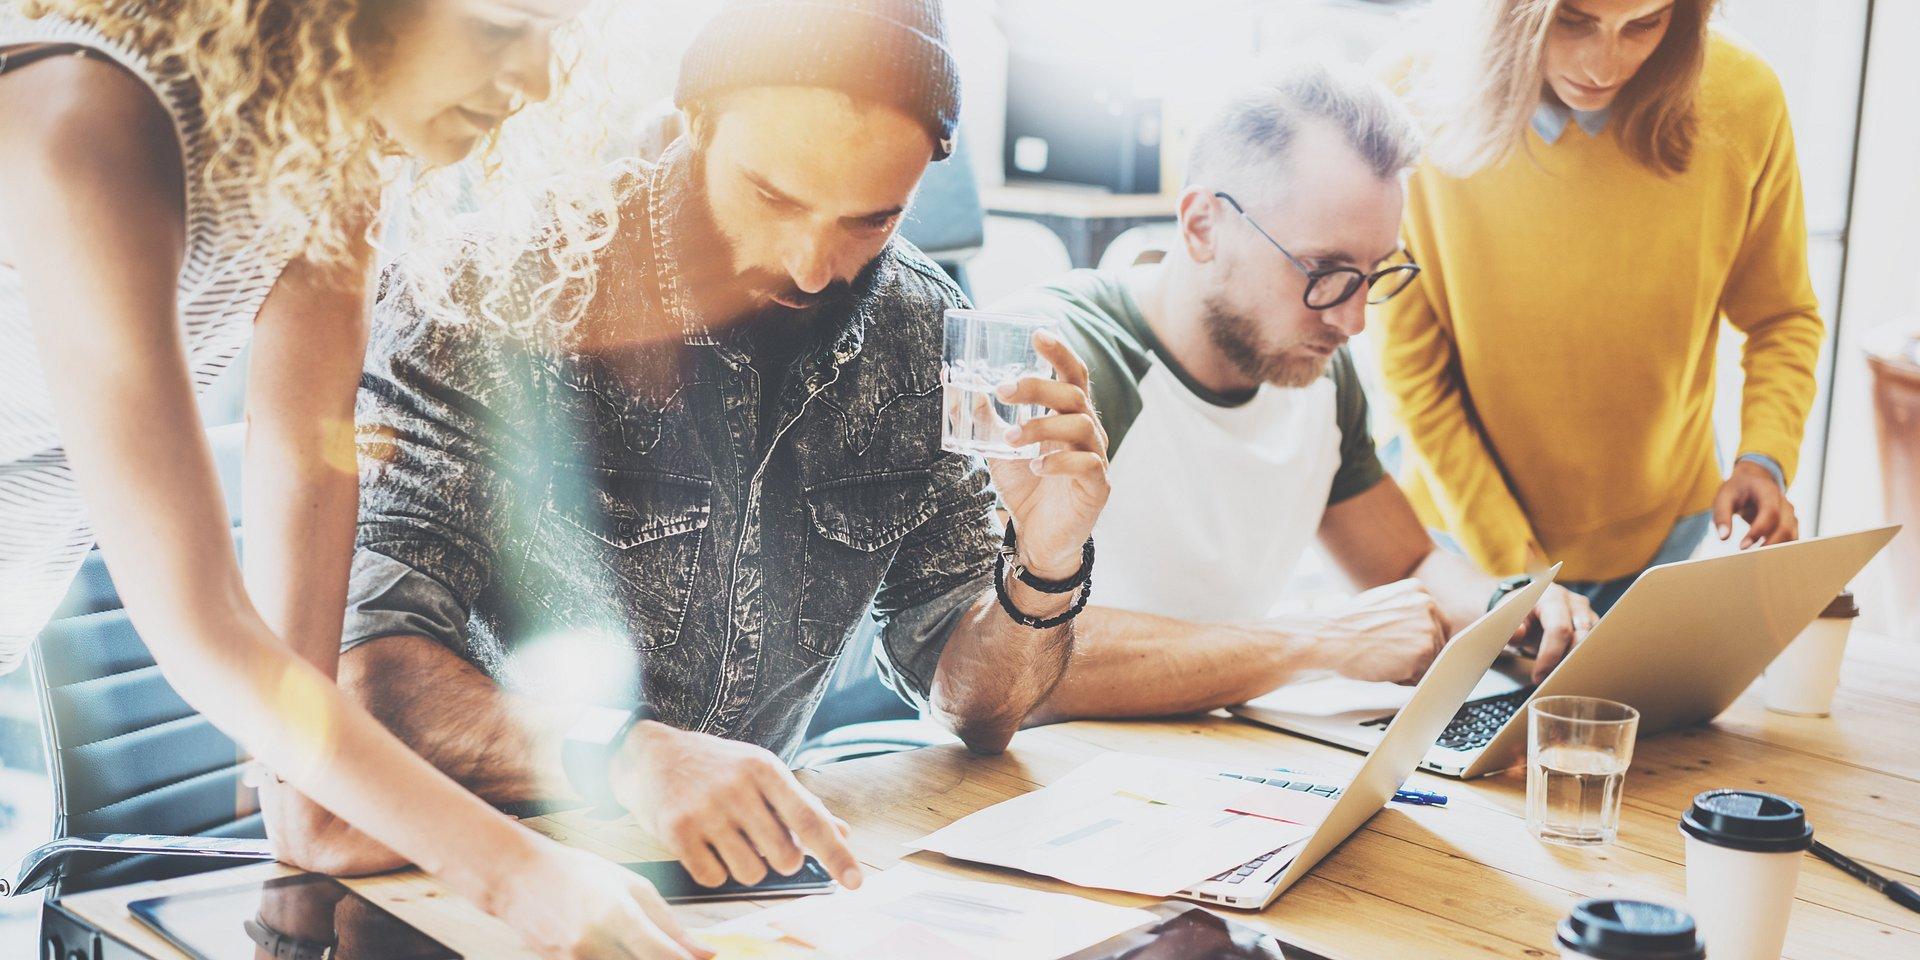 Co drugi pracownik korzysta z nowoczesnych technologii w biurze, a 40% chciałoby, gdyby były dostępne